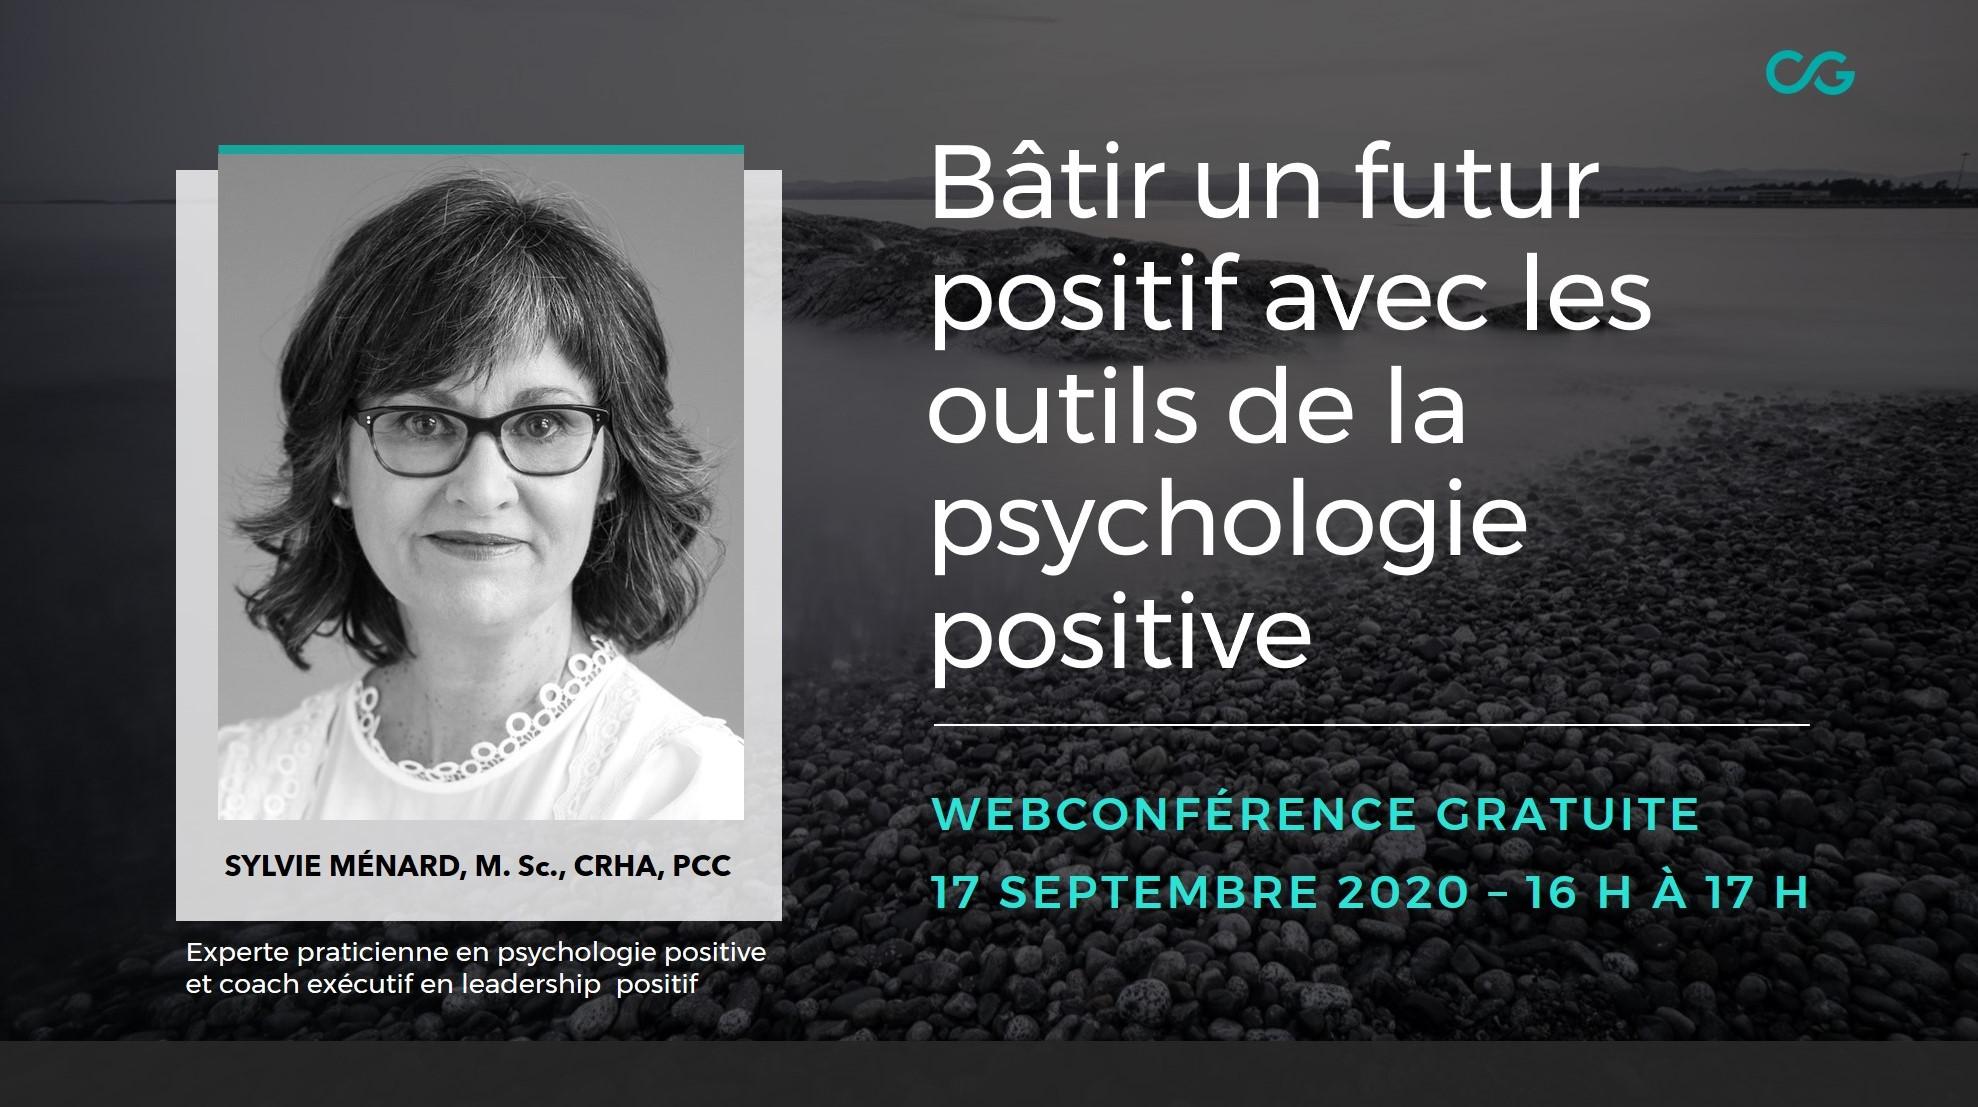 Bätir un futur positif avec les outils de la psychologie positive